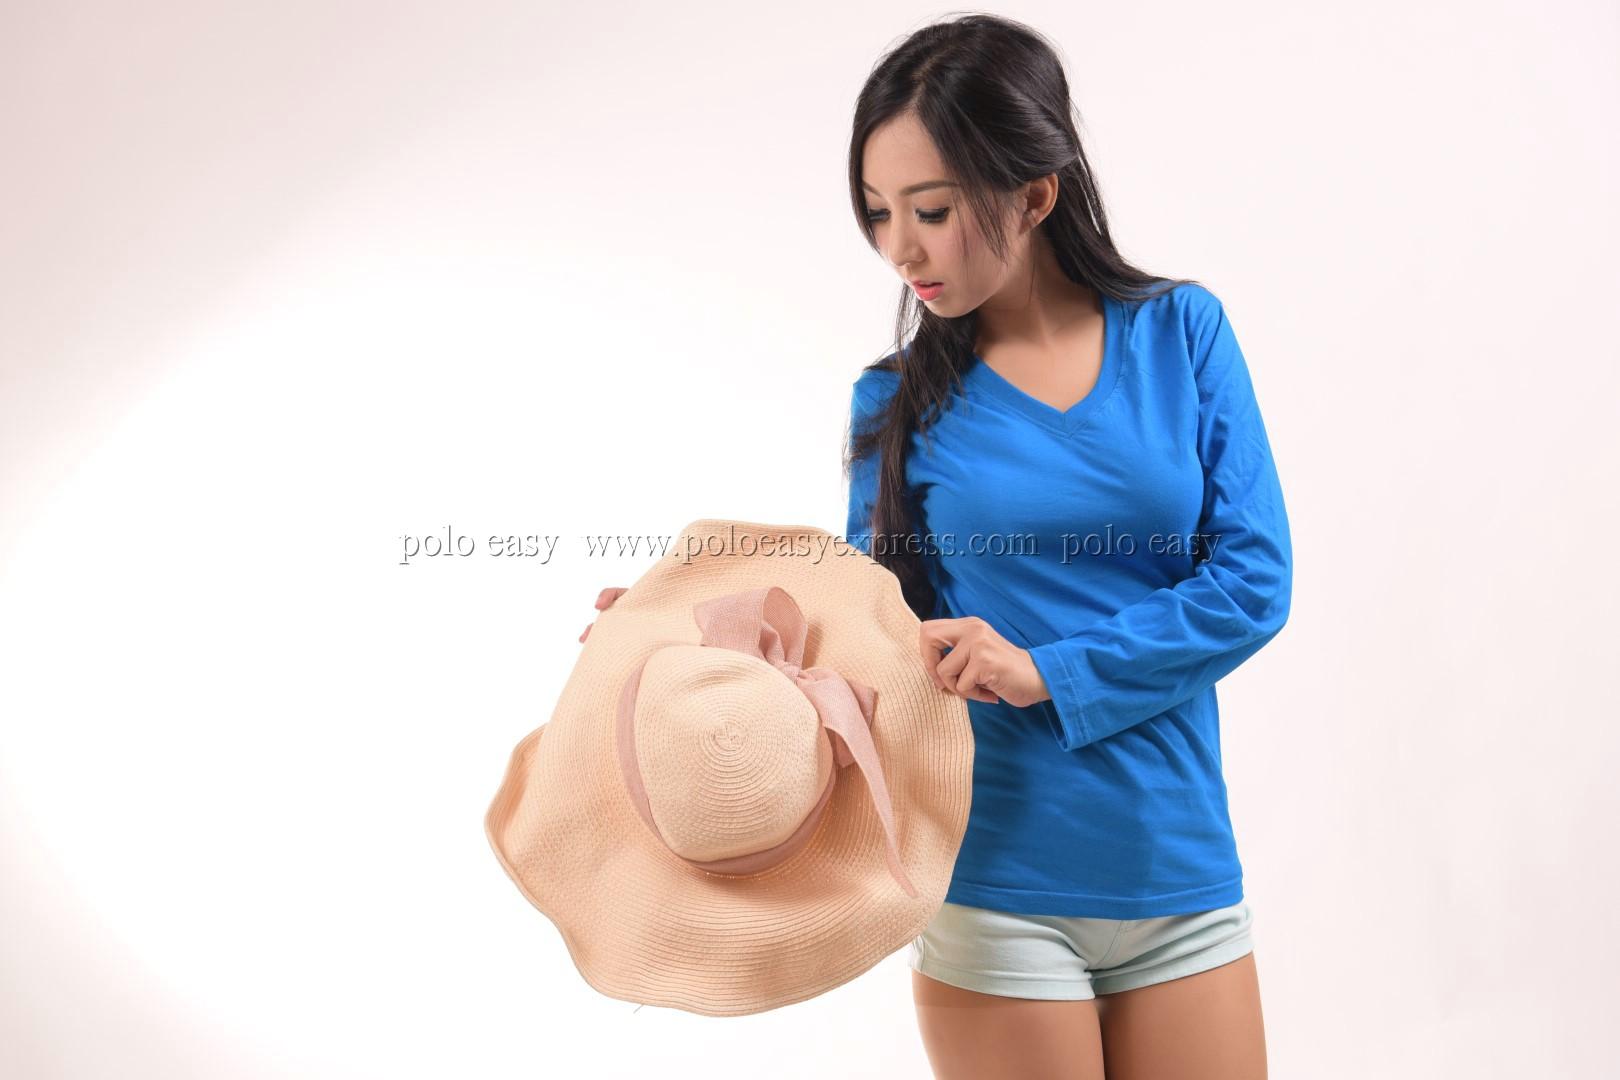 เสื้อยืด สีฟ้าทะเล คอวี แขนยาว Size L